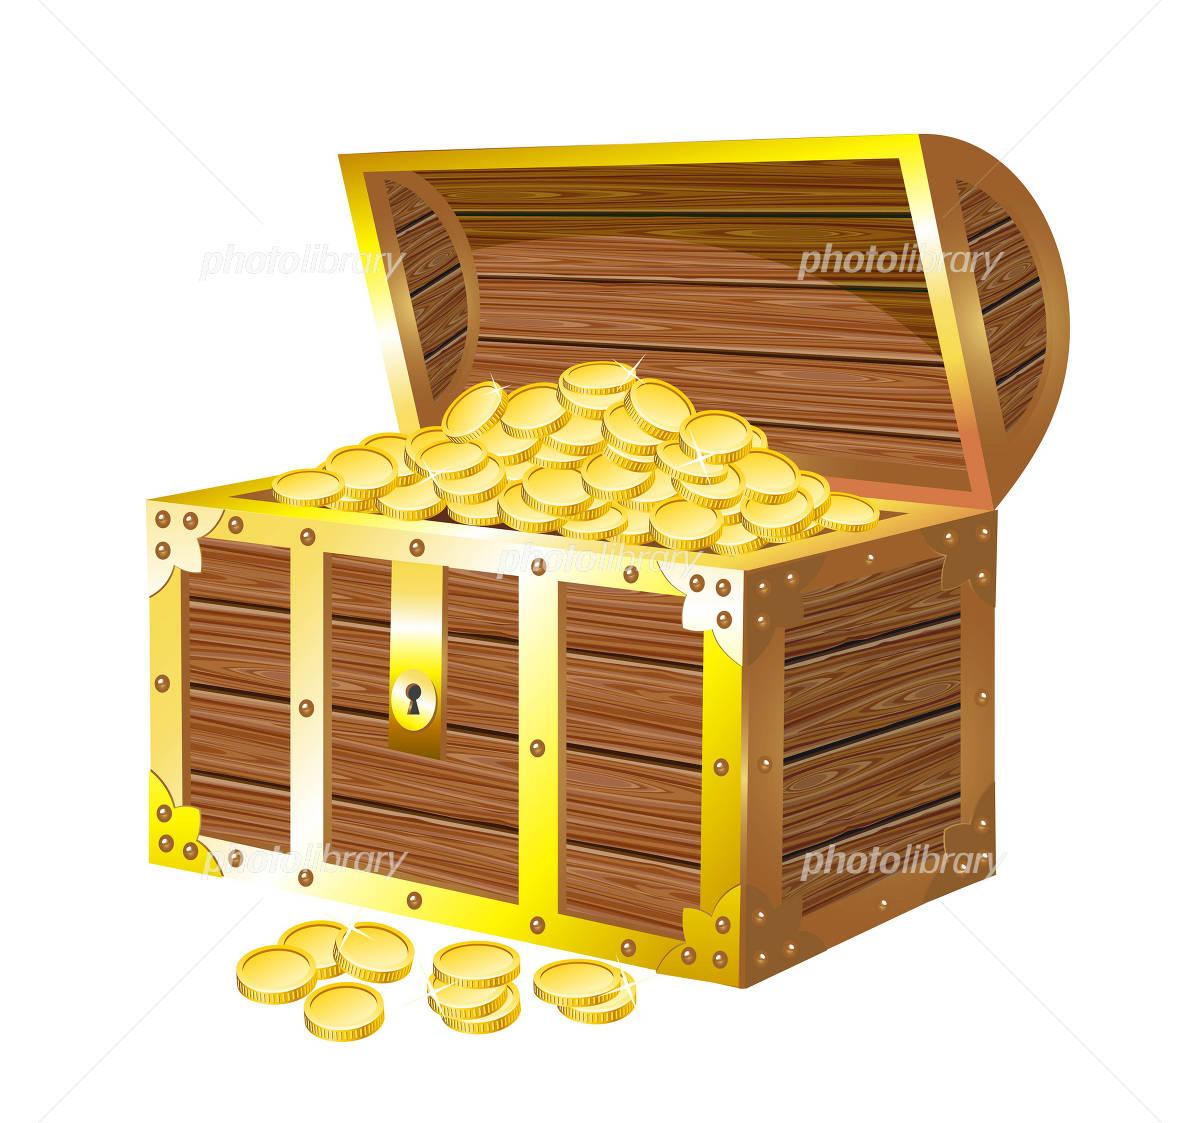 宝箱と金貨のイラスト